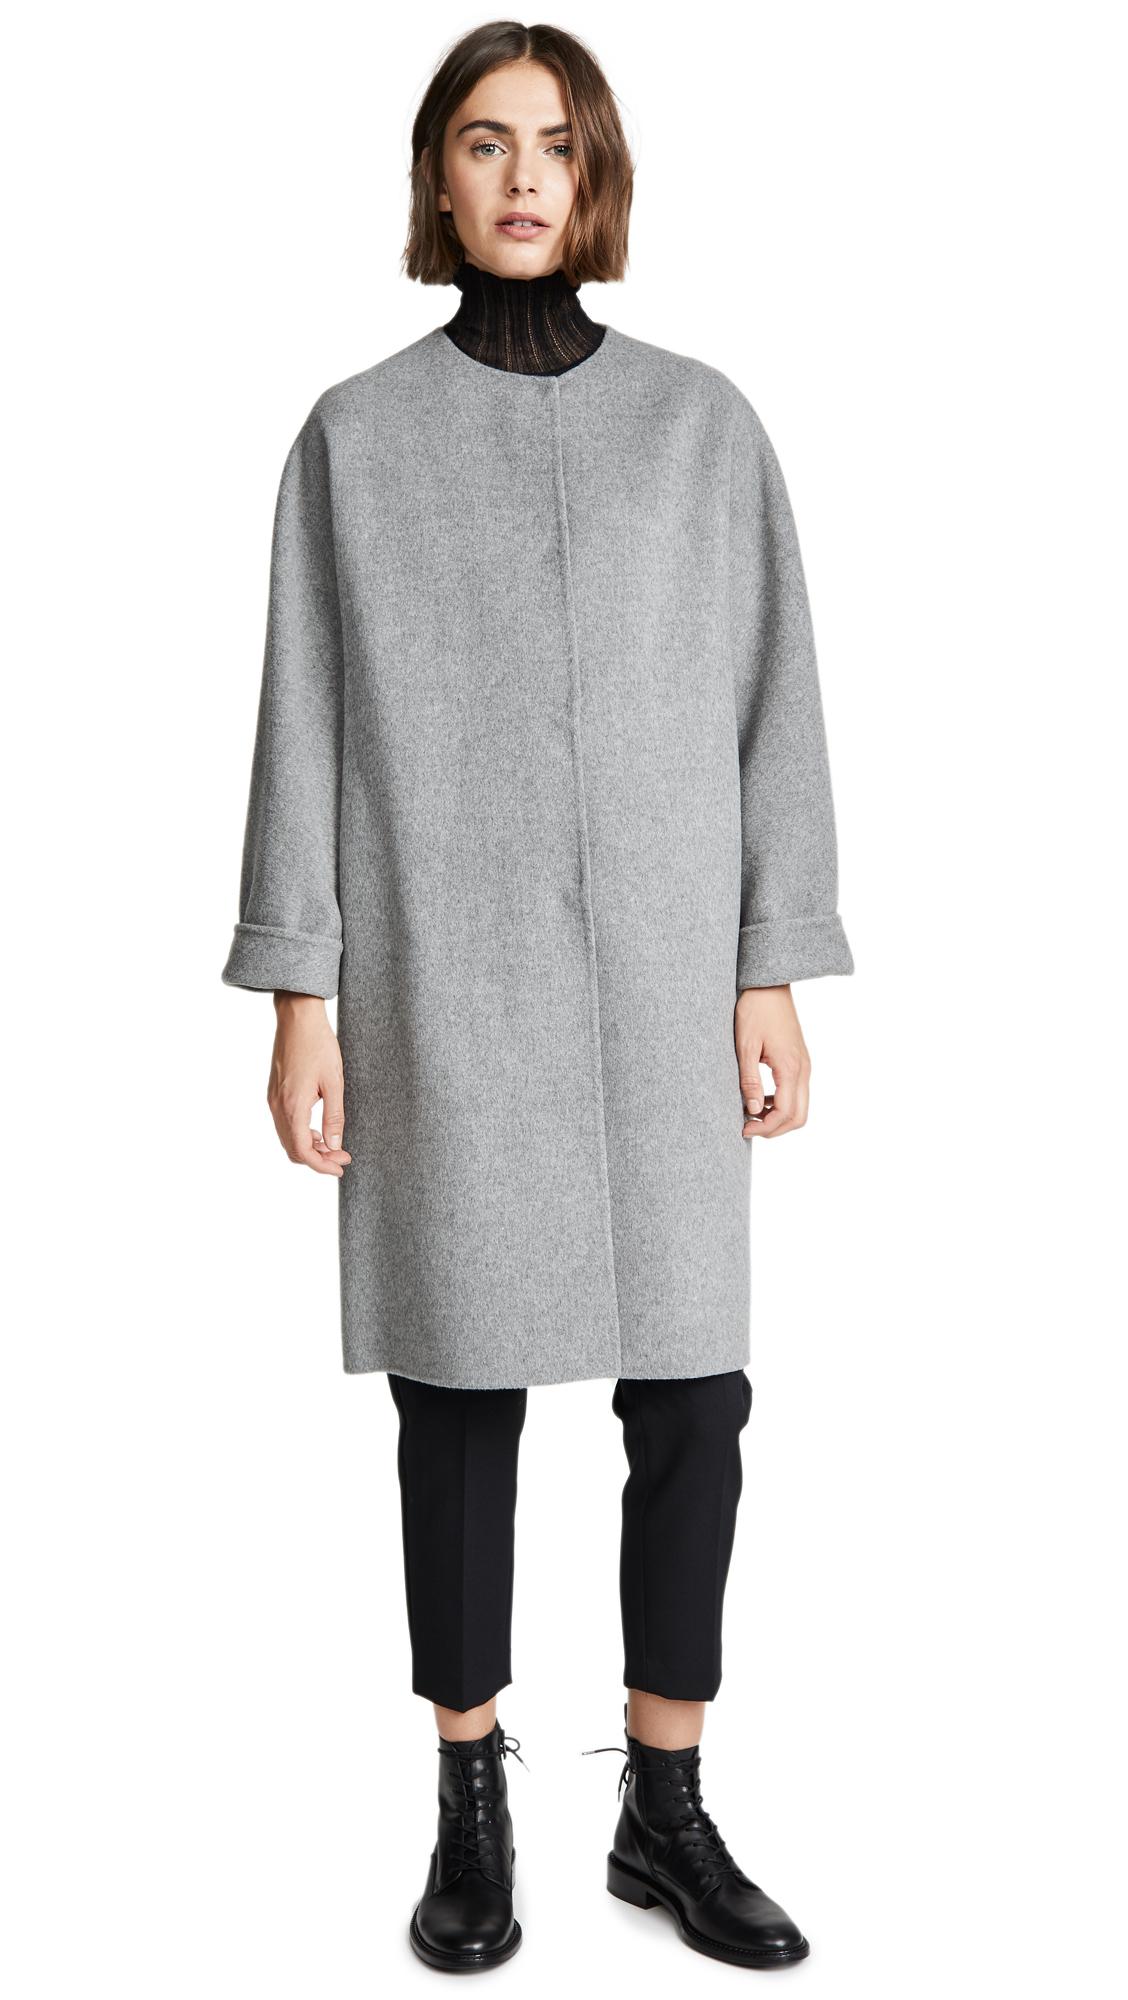 Theory Rounded Coat In Medium Grey Melange